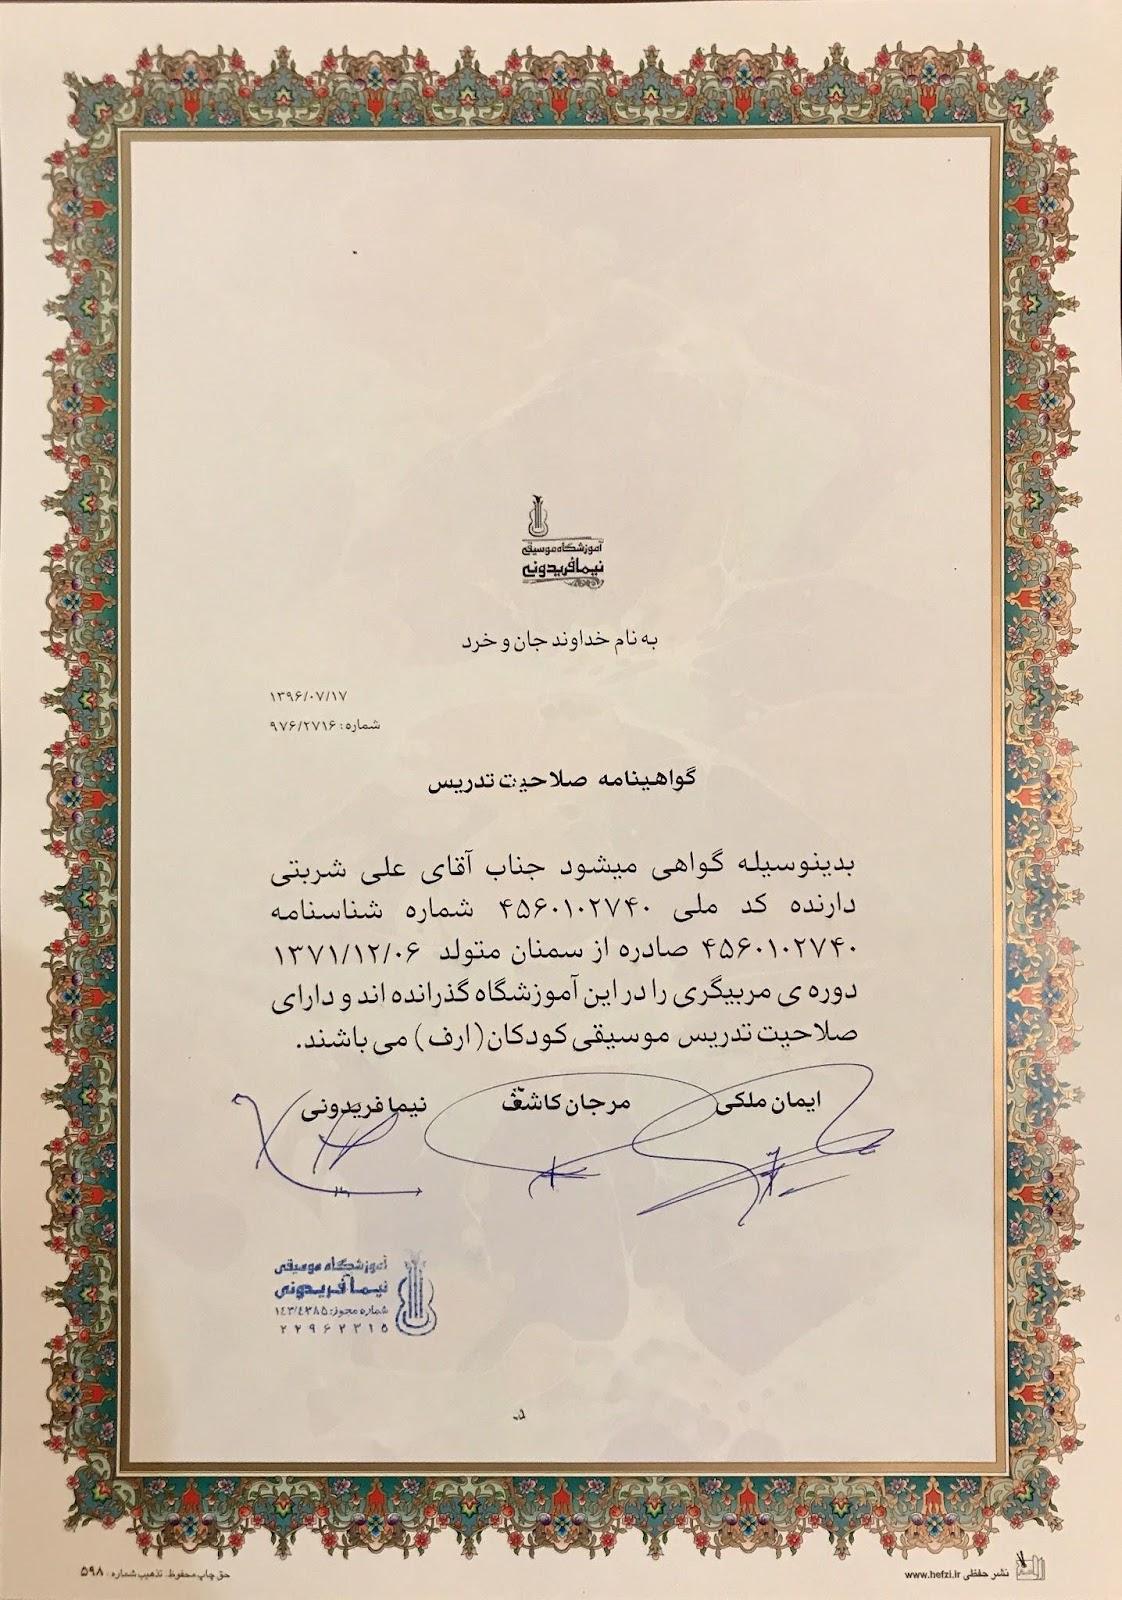 گواهینامه کارت صلاحیت تدریس مربیگری موسیقی کودک ارف علی شربتی